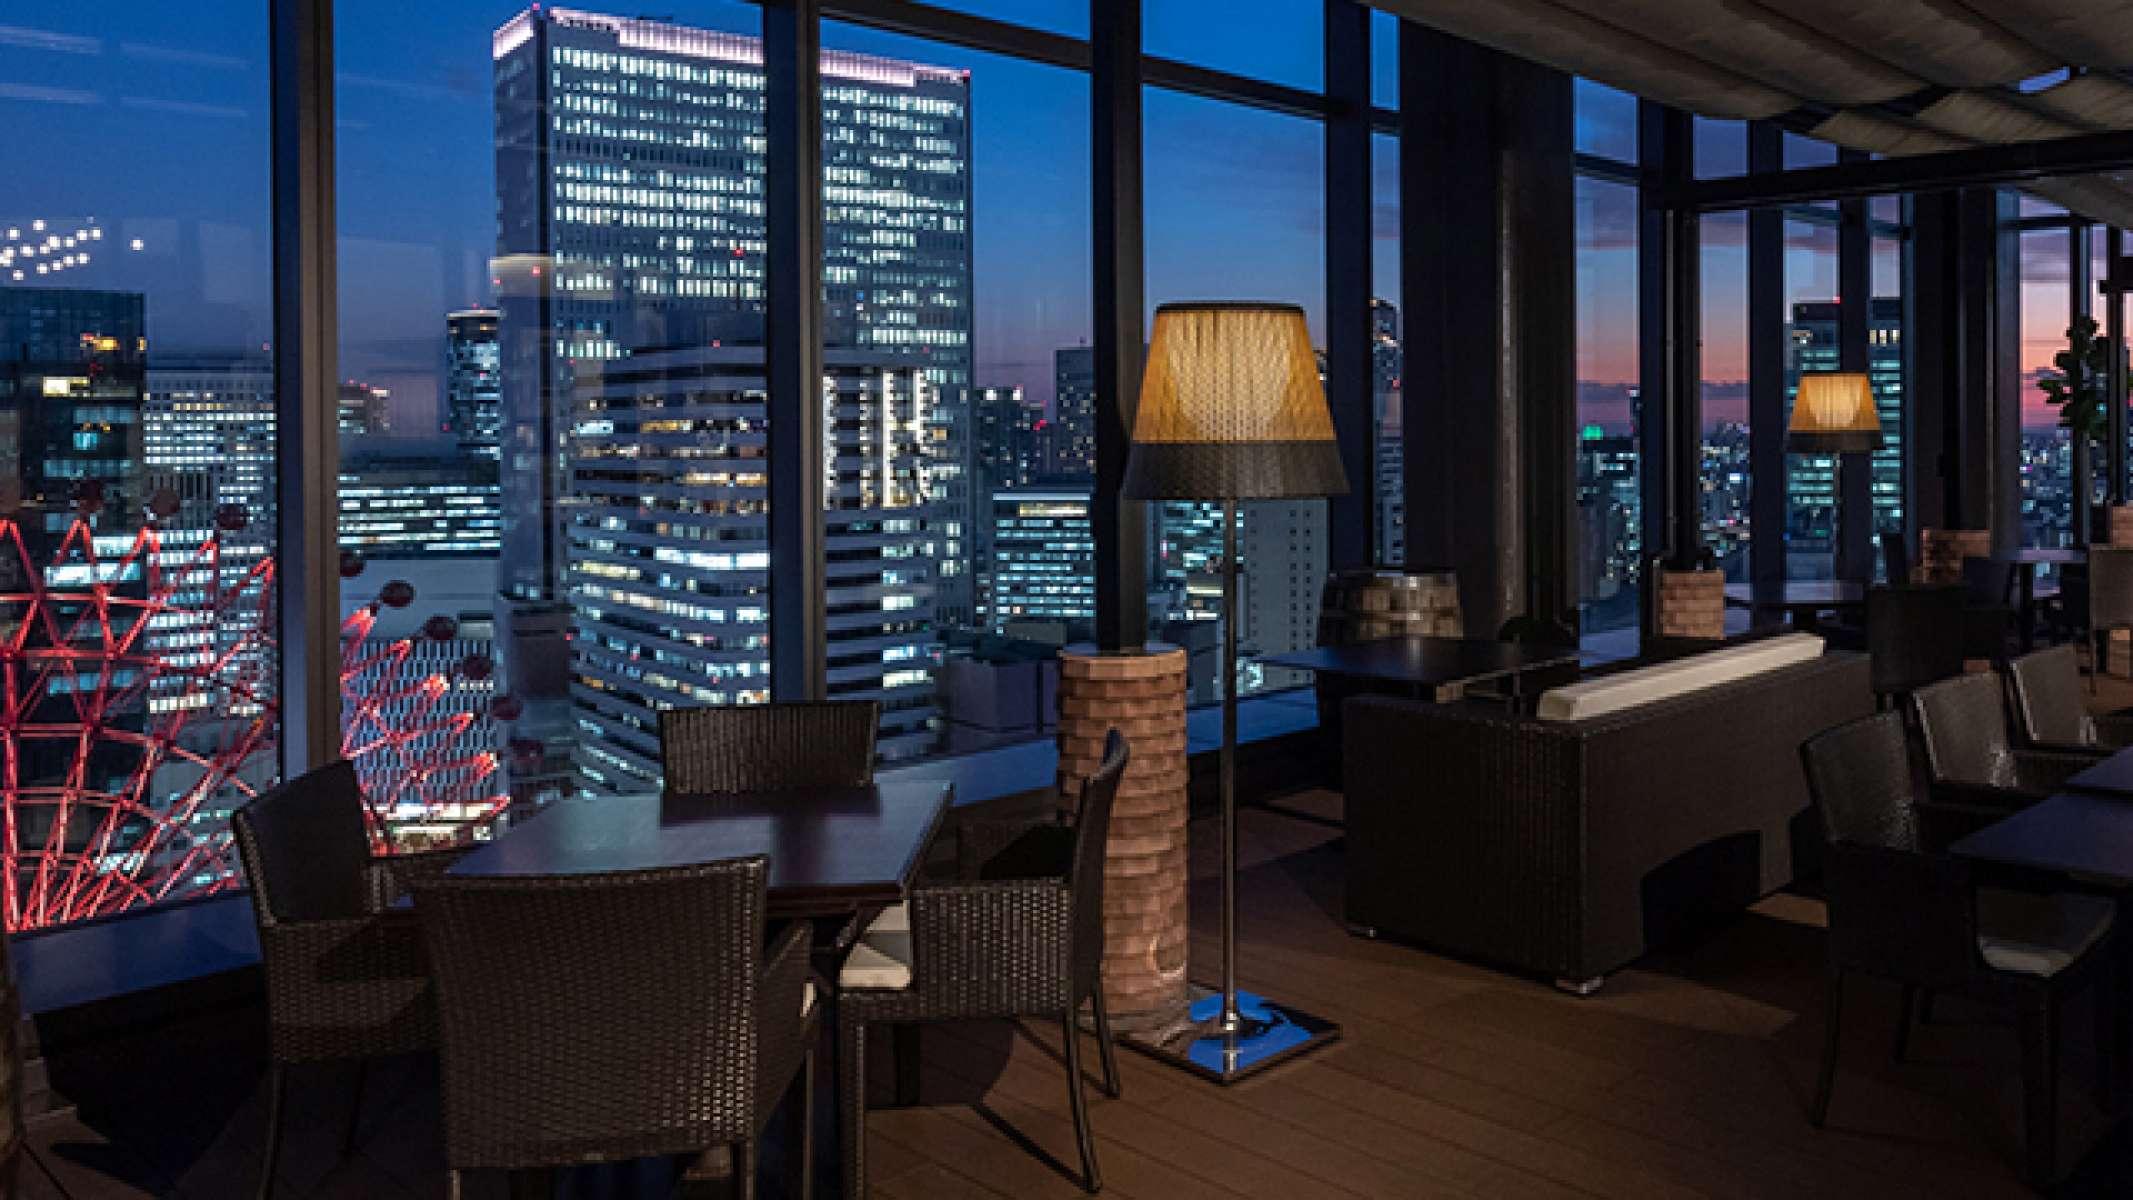 窓に広がる大阪・梅田の夜景 「リストランテ翔21」は、大阪・梅田の主要駅から徒歩で3〜7分以内にある梅田OITタワーの最上階21階。 優雅で広々としたクールモダンでシックな空間と、大きな窓一面に広がるロマンチックな夜景が、都会の喧騒を忘れた特別な時間を彩ります。